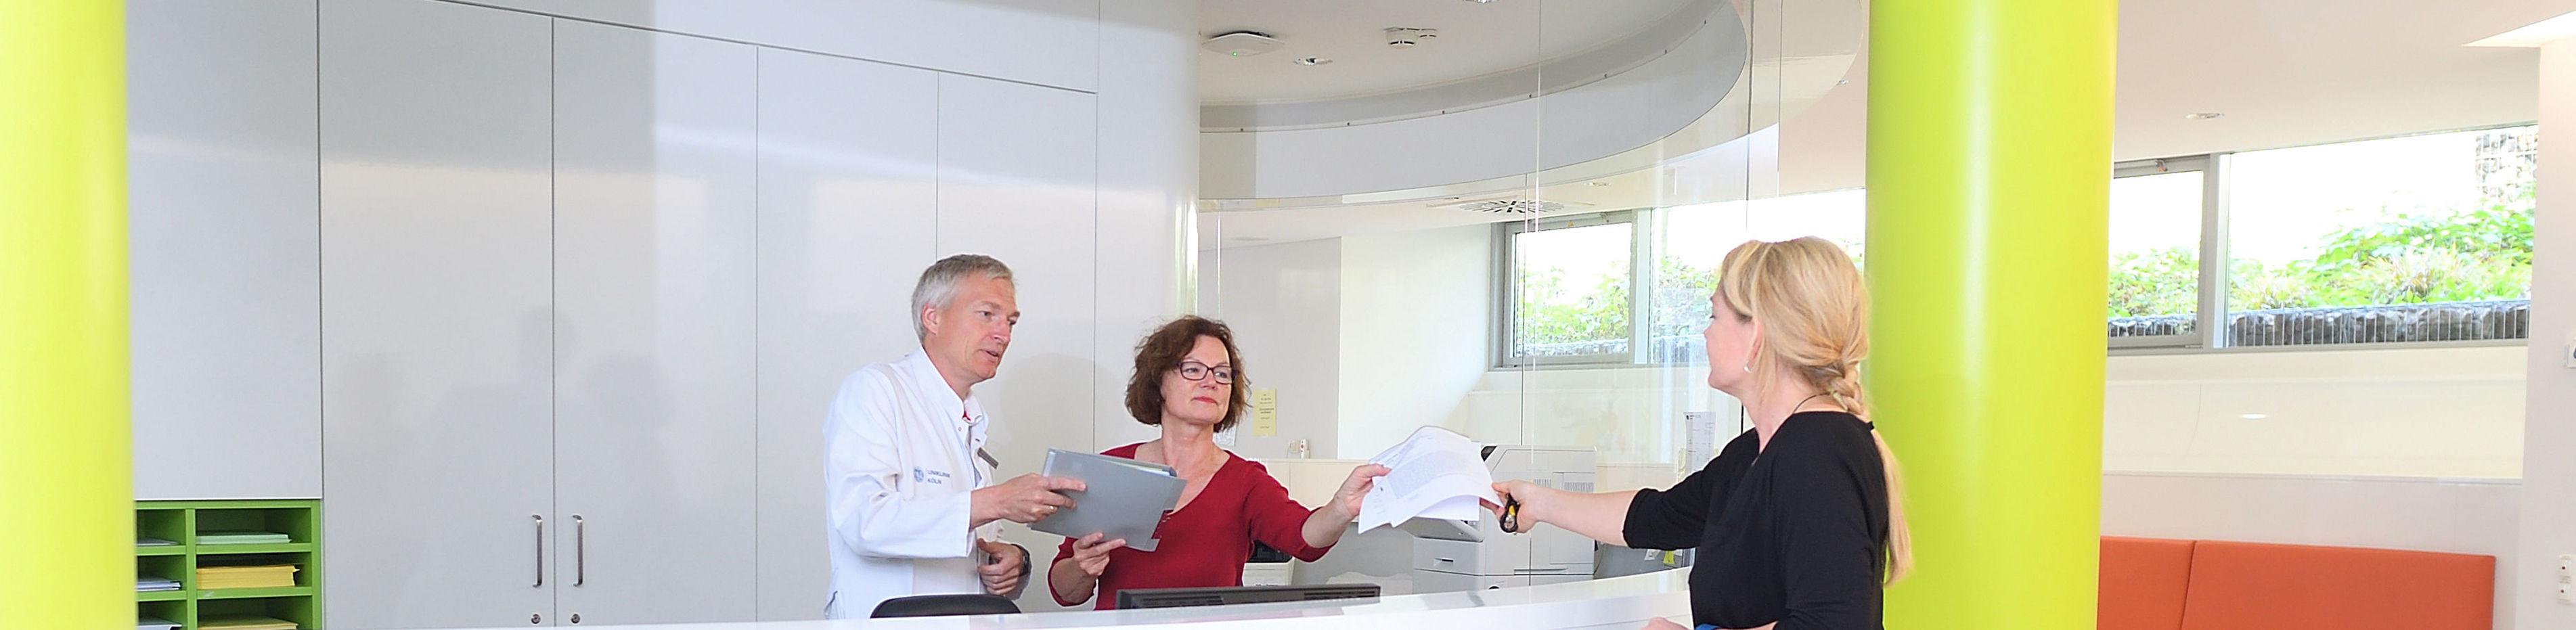 Pflege & Service - Informationen   Strahlentherapie Uniklinik Köln